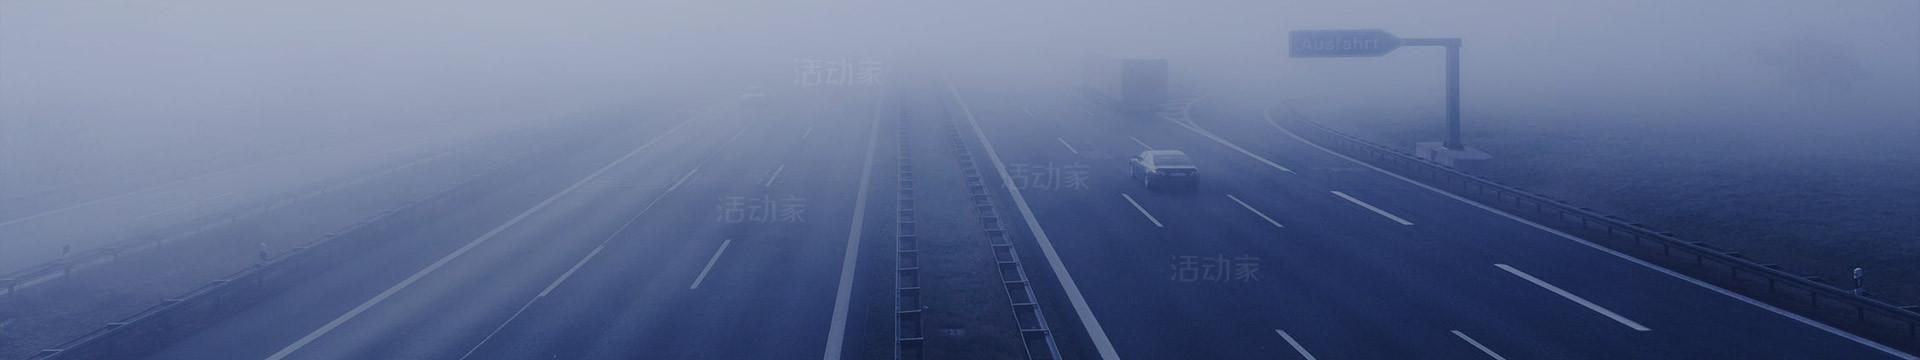 2019中国汽车底盘创新国际峰会(上海)